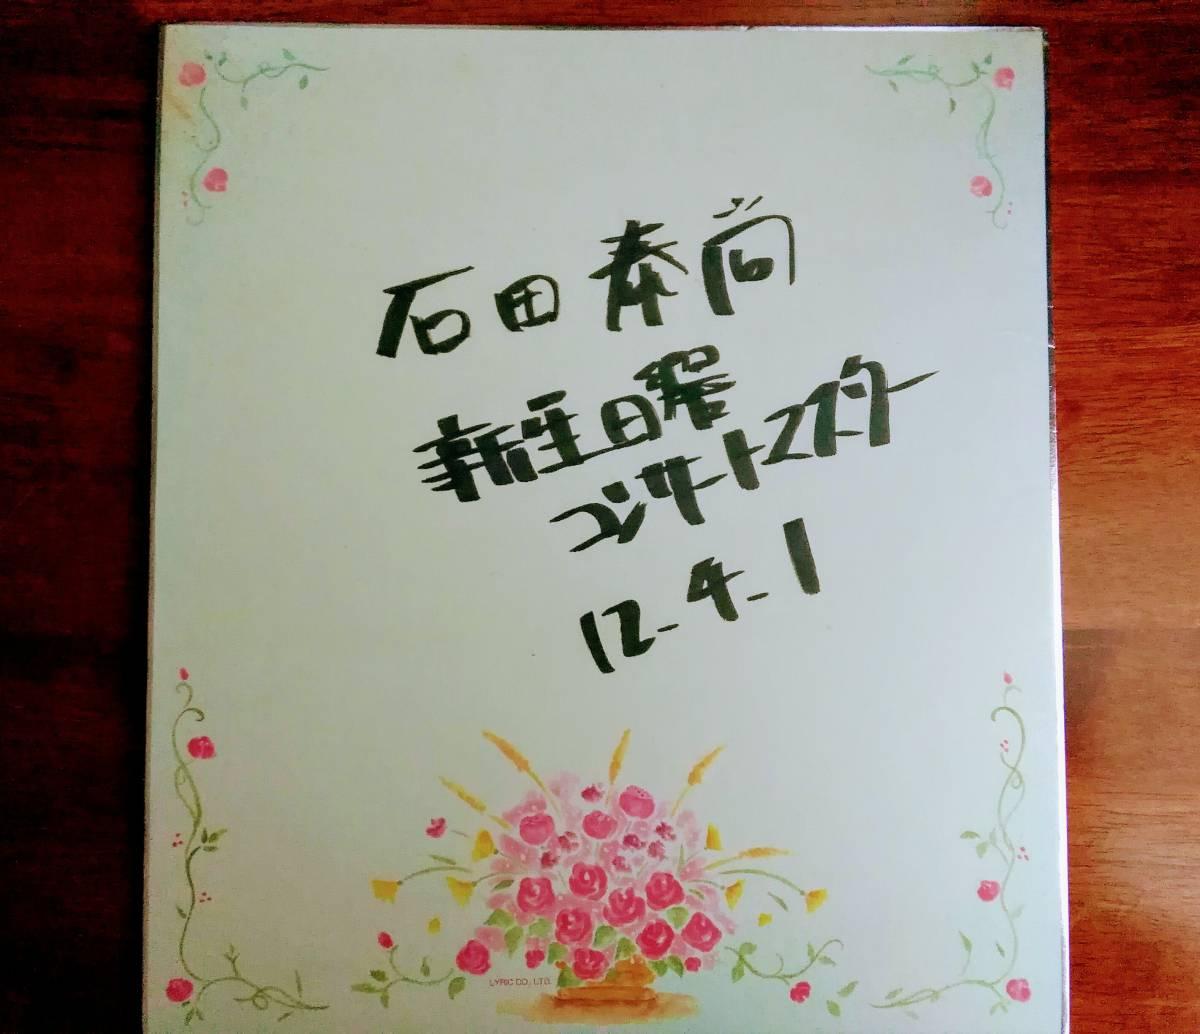 石田泰尚 サイン色紙 新星日本交響楽団 コンサートマスター 石田組